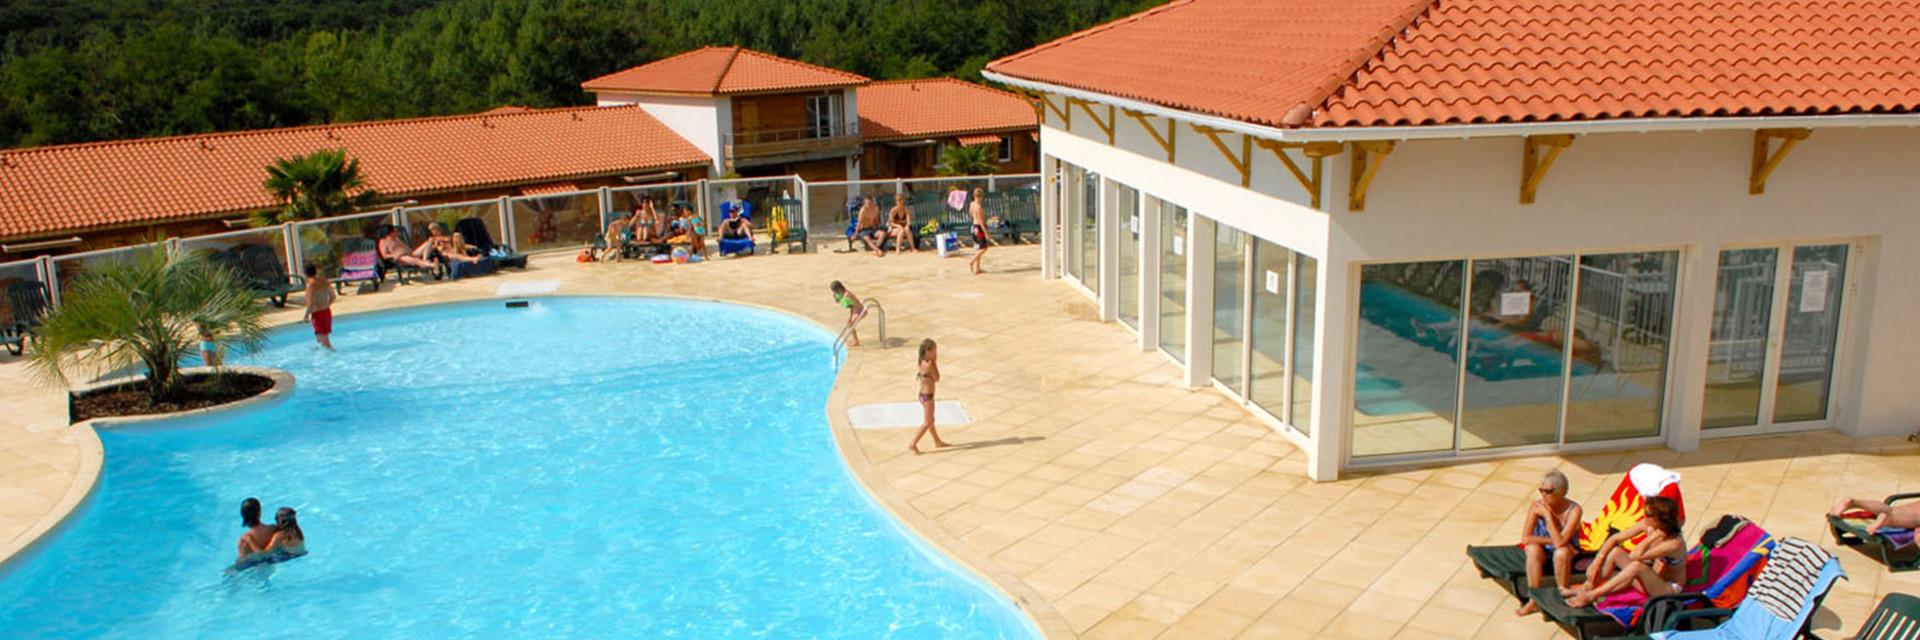 Village_club_vacances_charente-et-landes-les-hameaux-de-la-chalosse-piscine